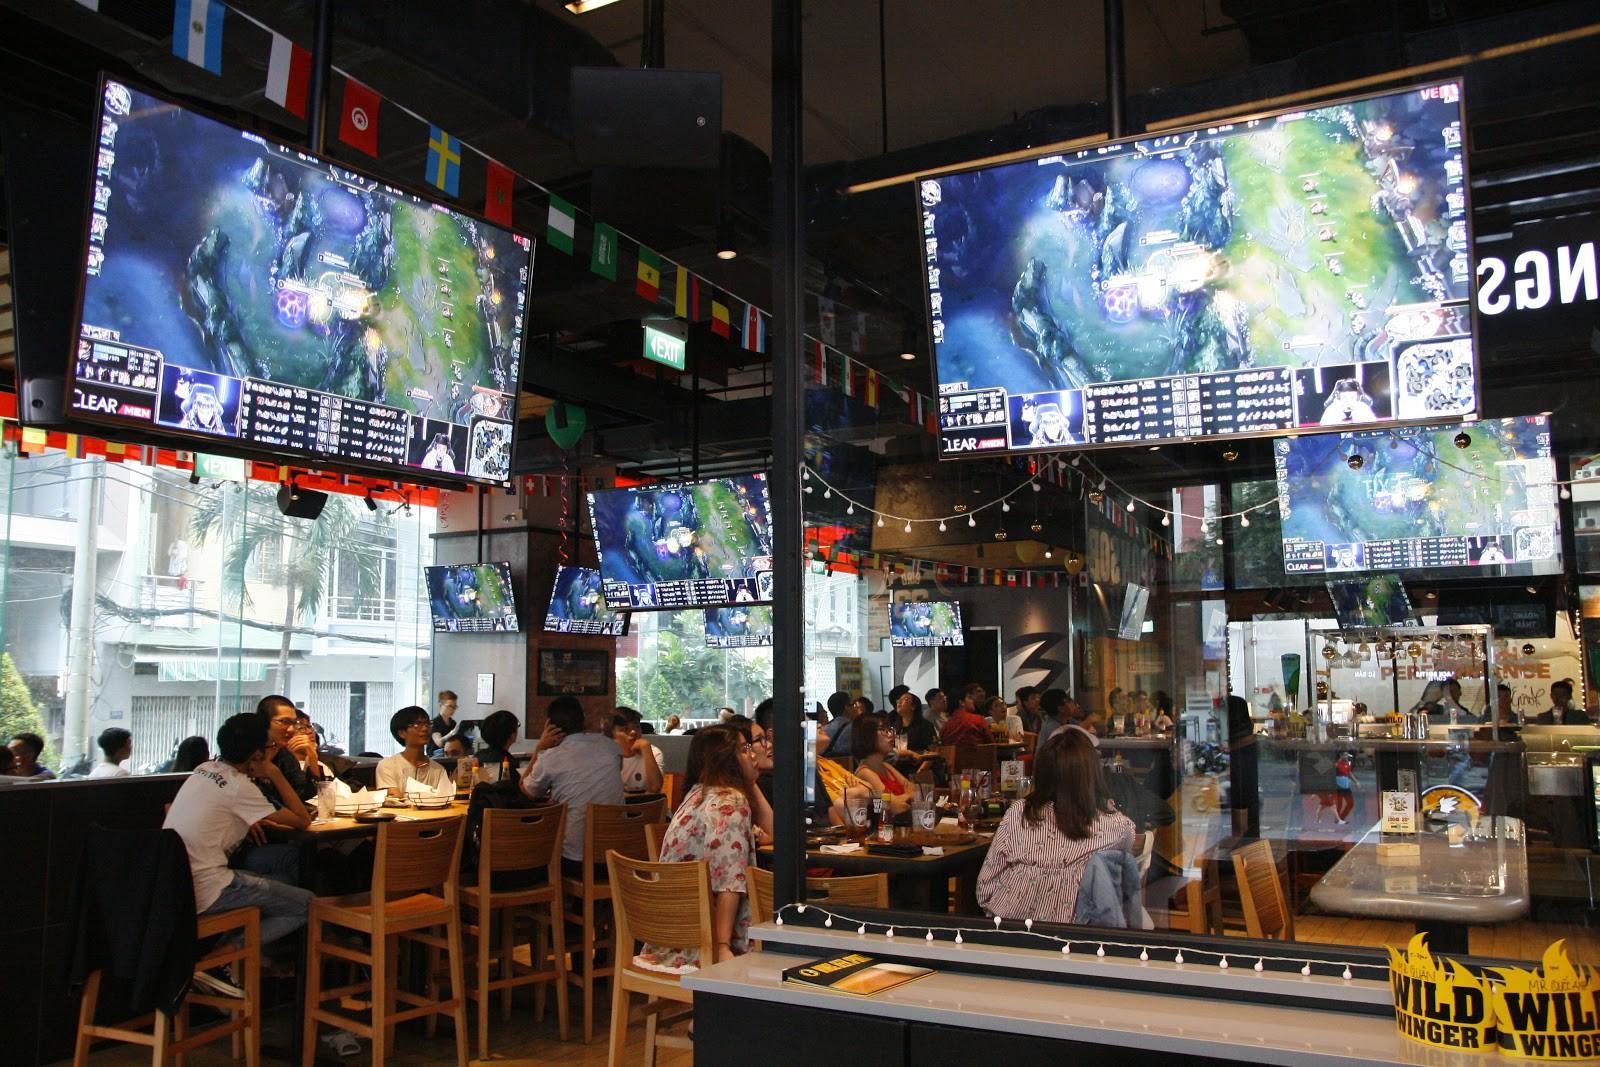 Nhà hàng thể thao phong cách Mỹ - Nơi hội ngộ của fan eSports Việt - Ảnh 1.